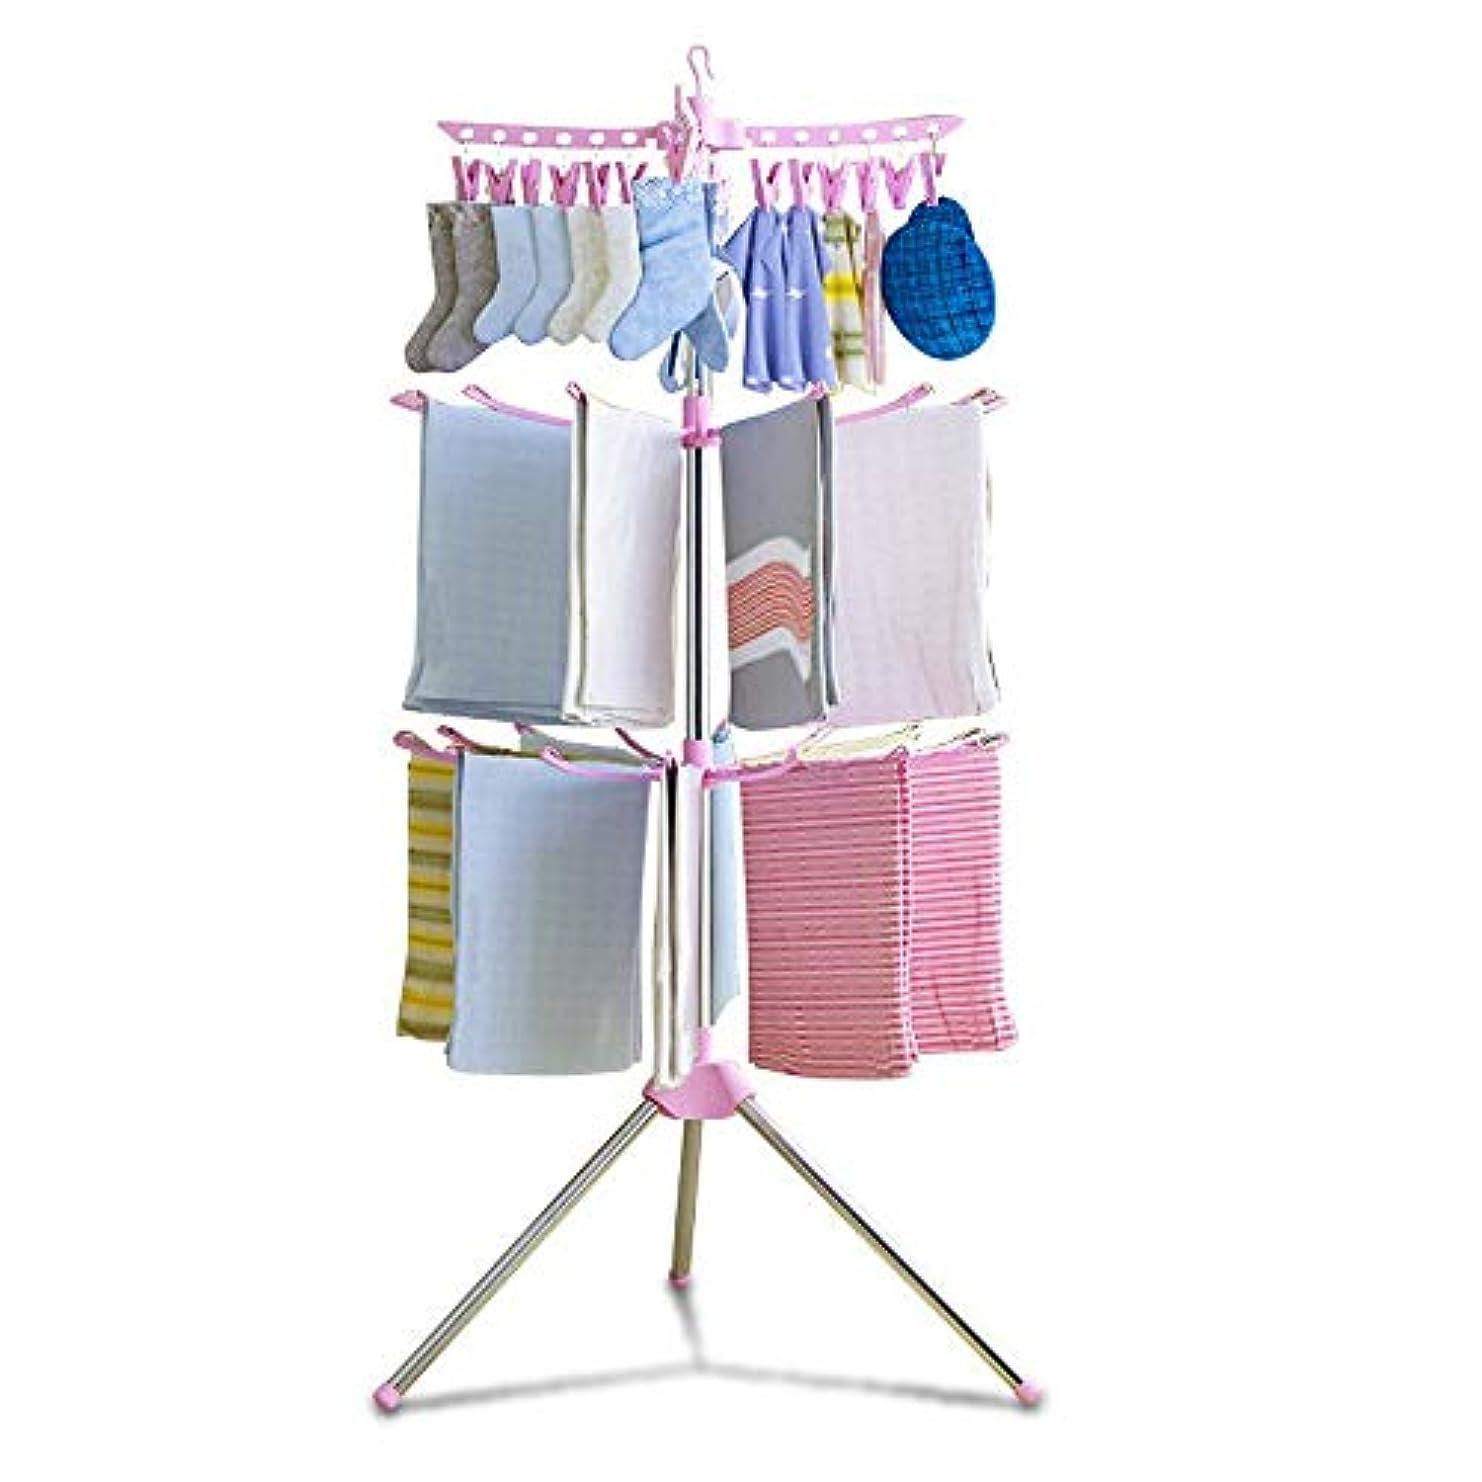 悩みペンフレンドデモンストレーション金属製折りたたみ式乾燥ラック、ポータブル3層式衣服乾燥用ラックは56個の衣服、折りたたみ式、ステンレススチール、丈夫な3本の脚を収納